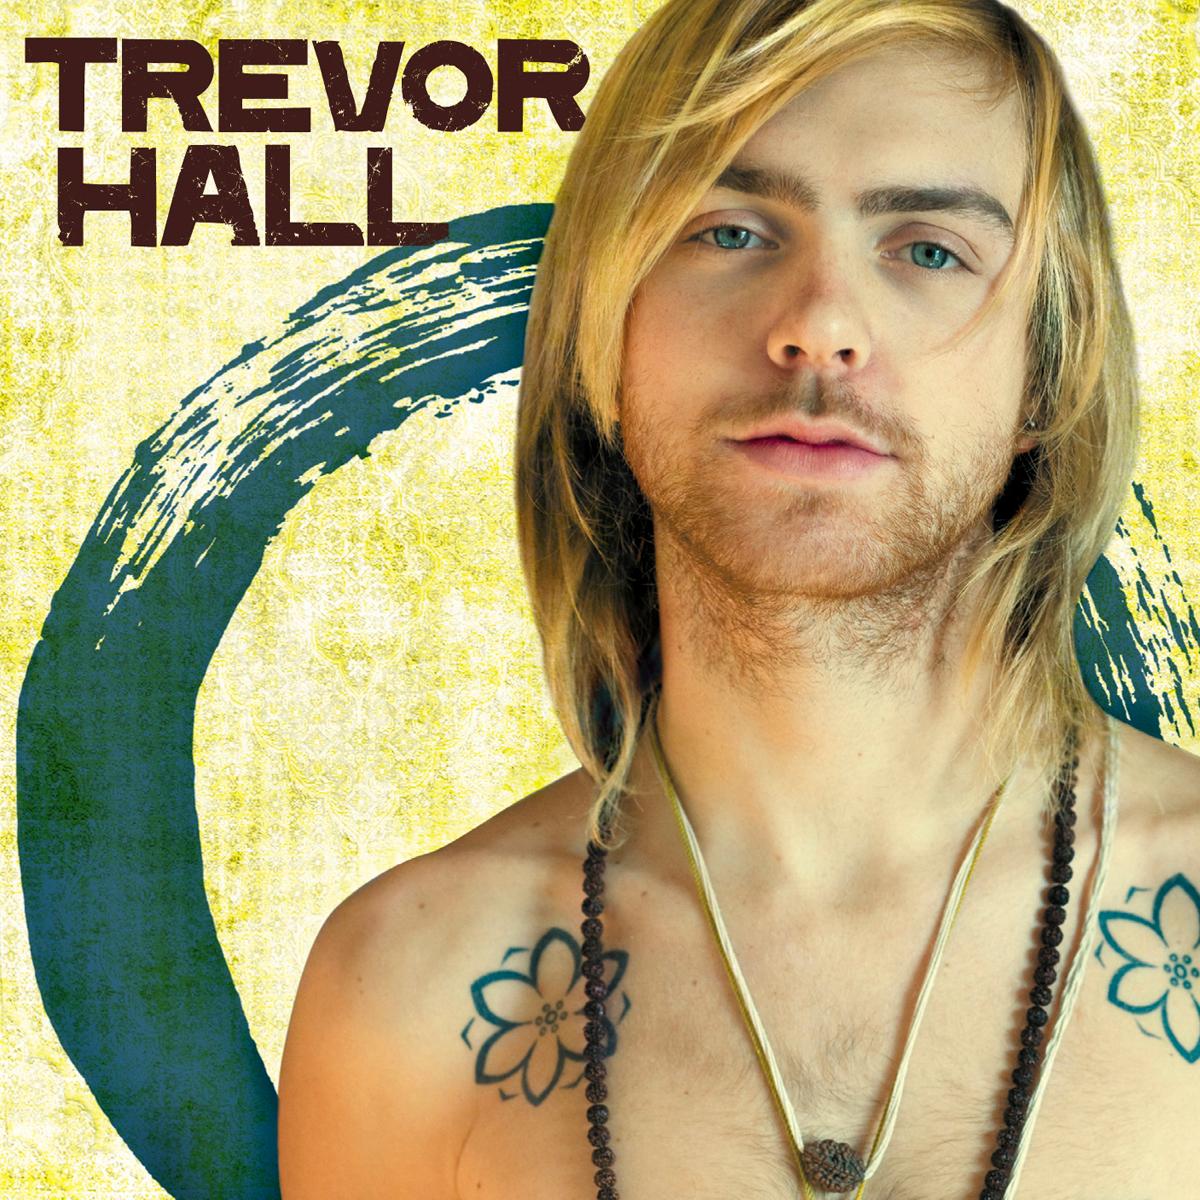 Trevor Hall - Trevor Hall MP3 Download